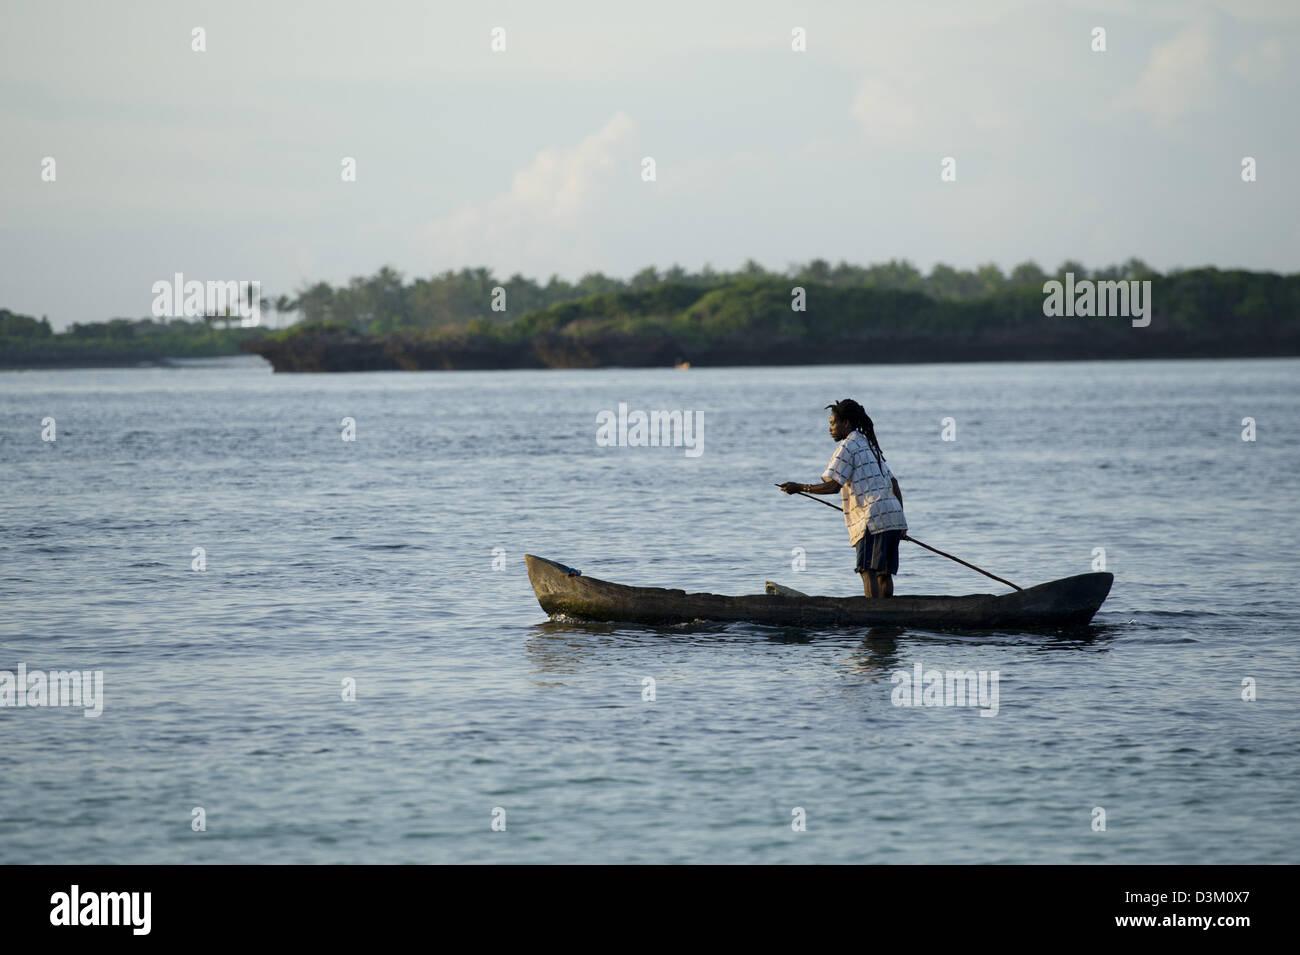 Dugout canoe, Turtle Bay, Watamu, Kenya - Stock Image